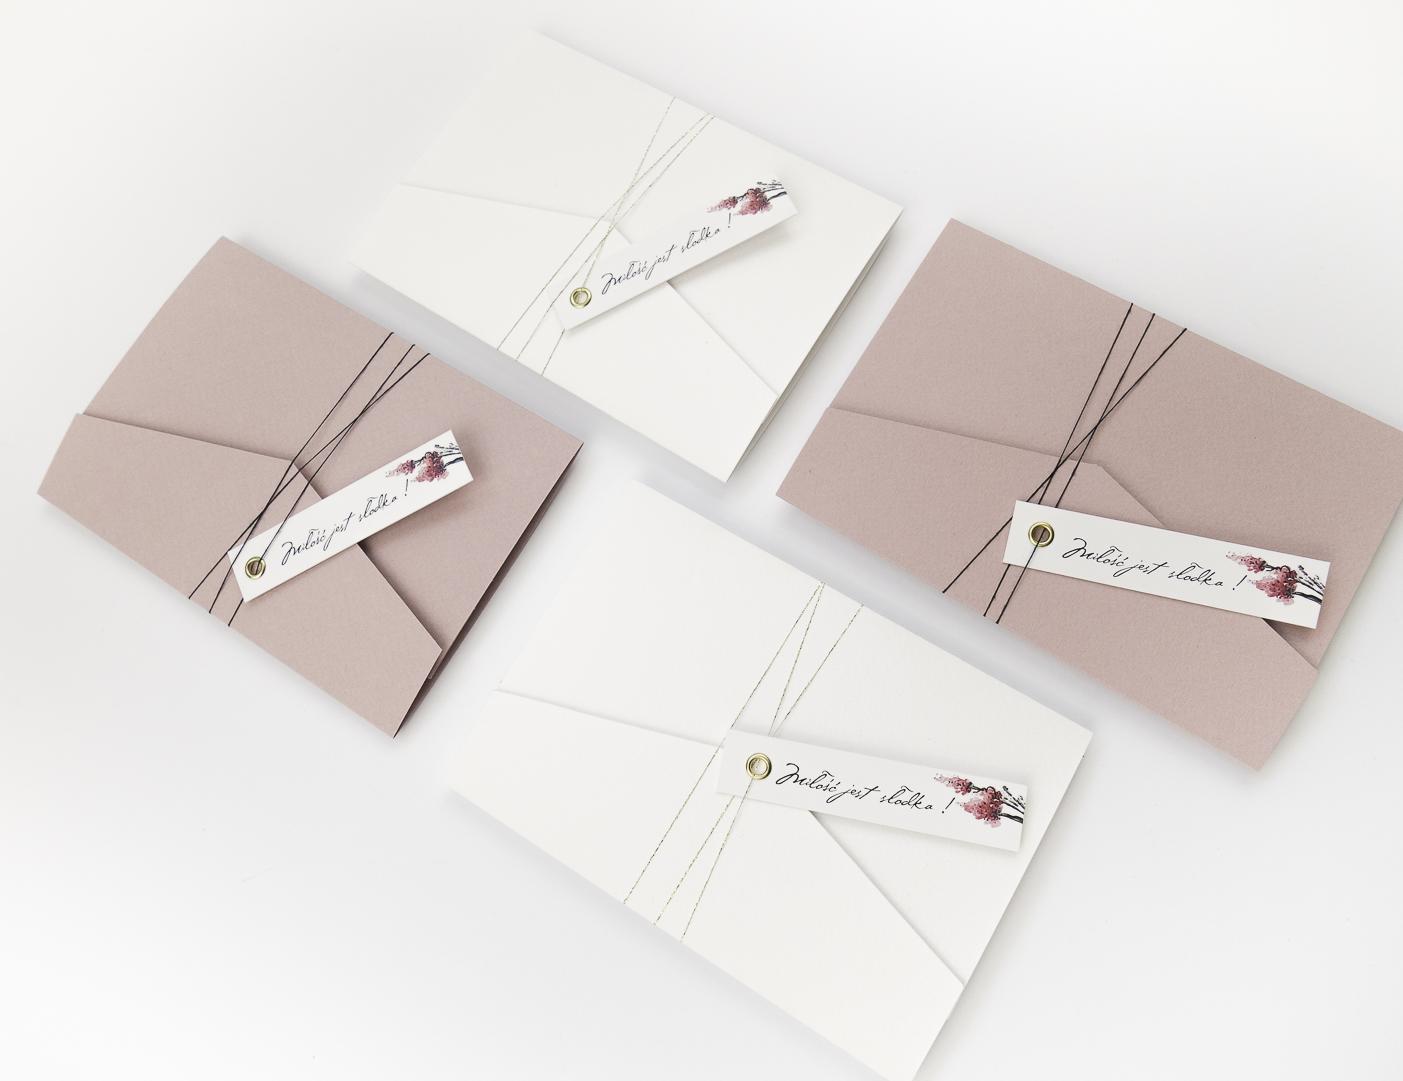 nowoczesne-zaproszenia-slubne_nietypowe_zlocone_eleganckie_rozowe_kwiaty_zlota-folia_w-folderze_co-nieco-papieru6.JPG